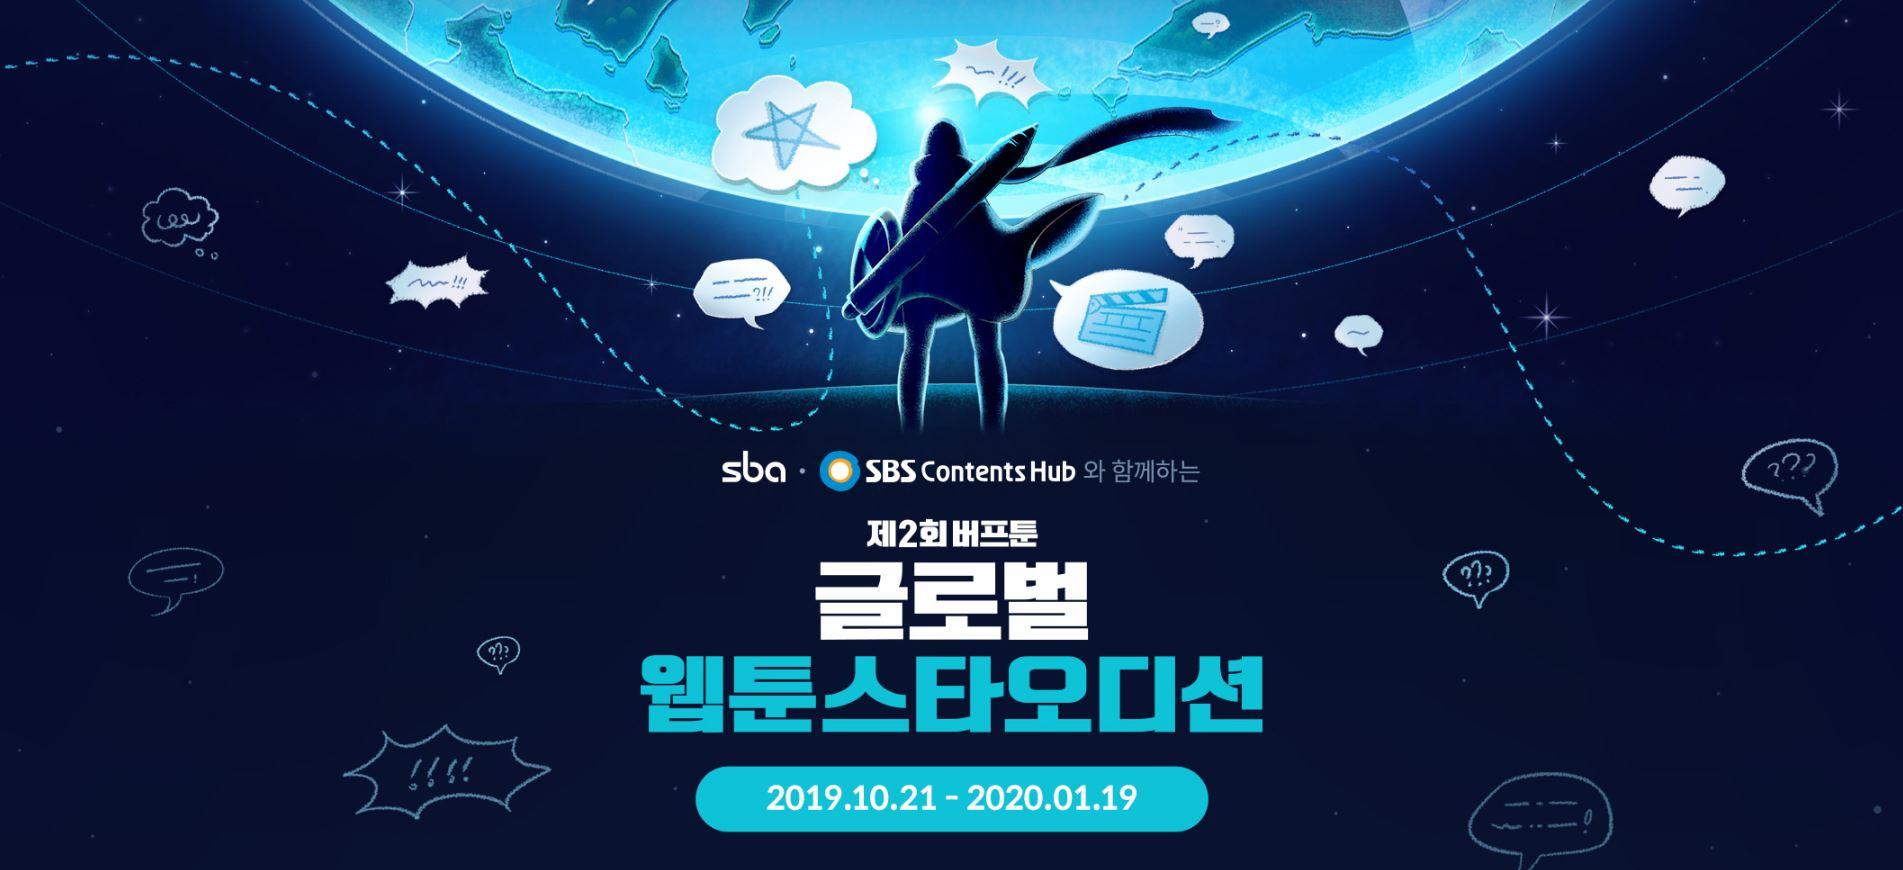 """제 2회 """"버프툰 글로벌 웹툰스타 오디션"""" 개최(~20.1.19)"""